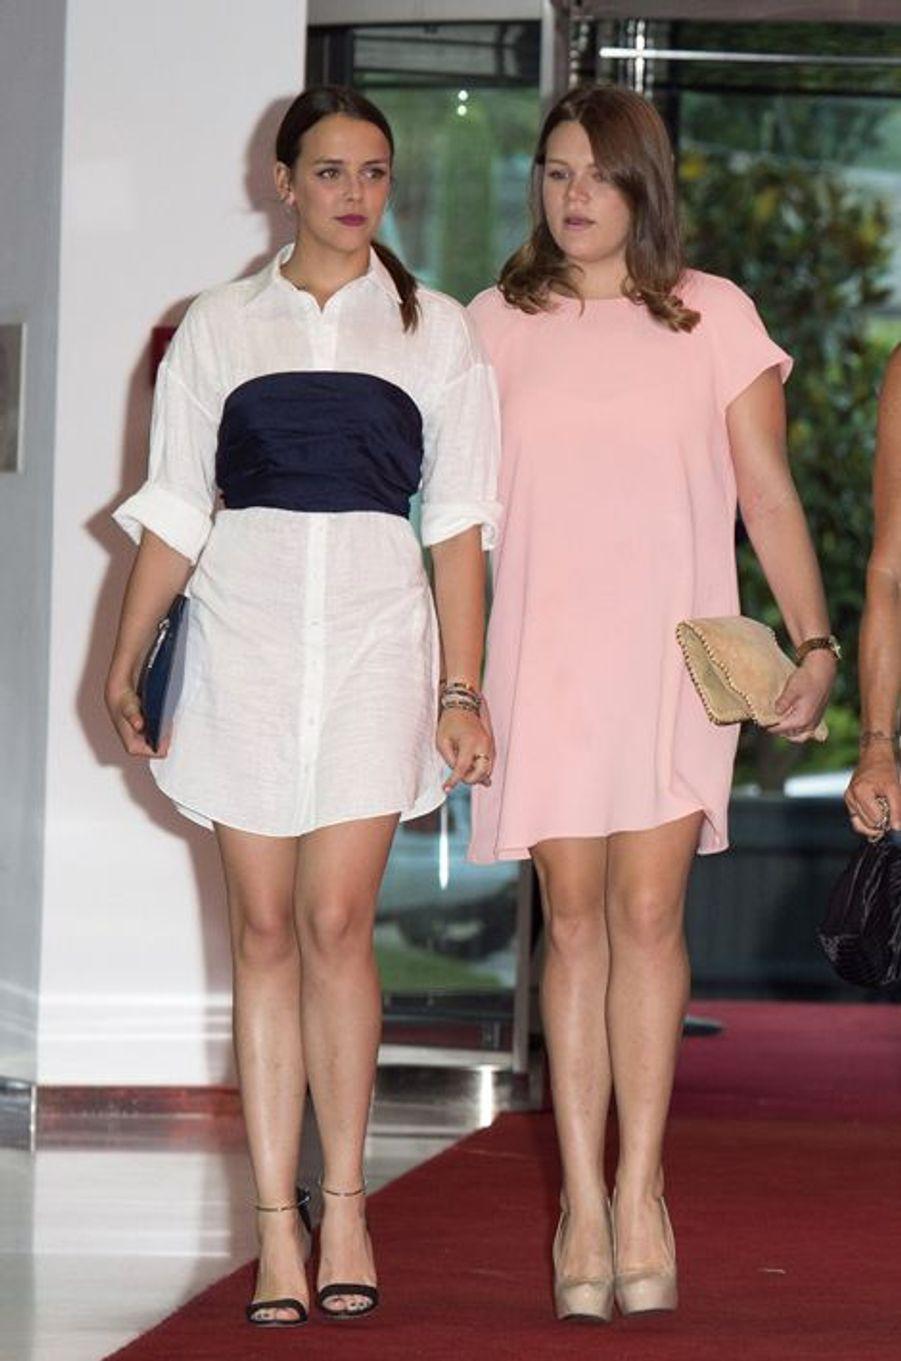 Pauline et Camille, les filles de la princesse Stéphanie de Monaco, au gala de la fondation Fight Aids